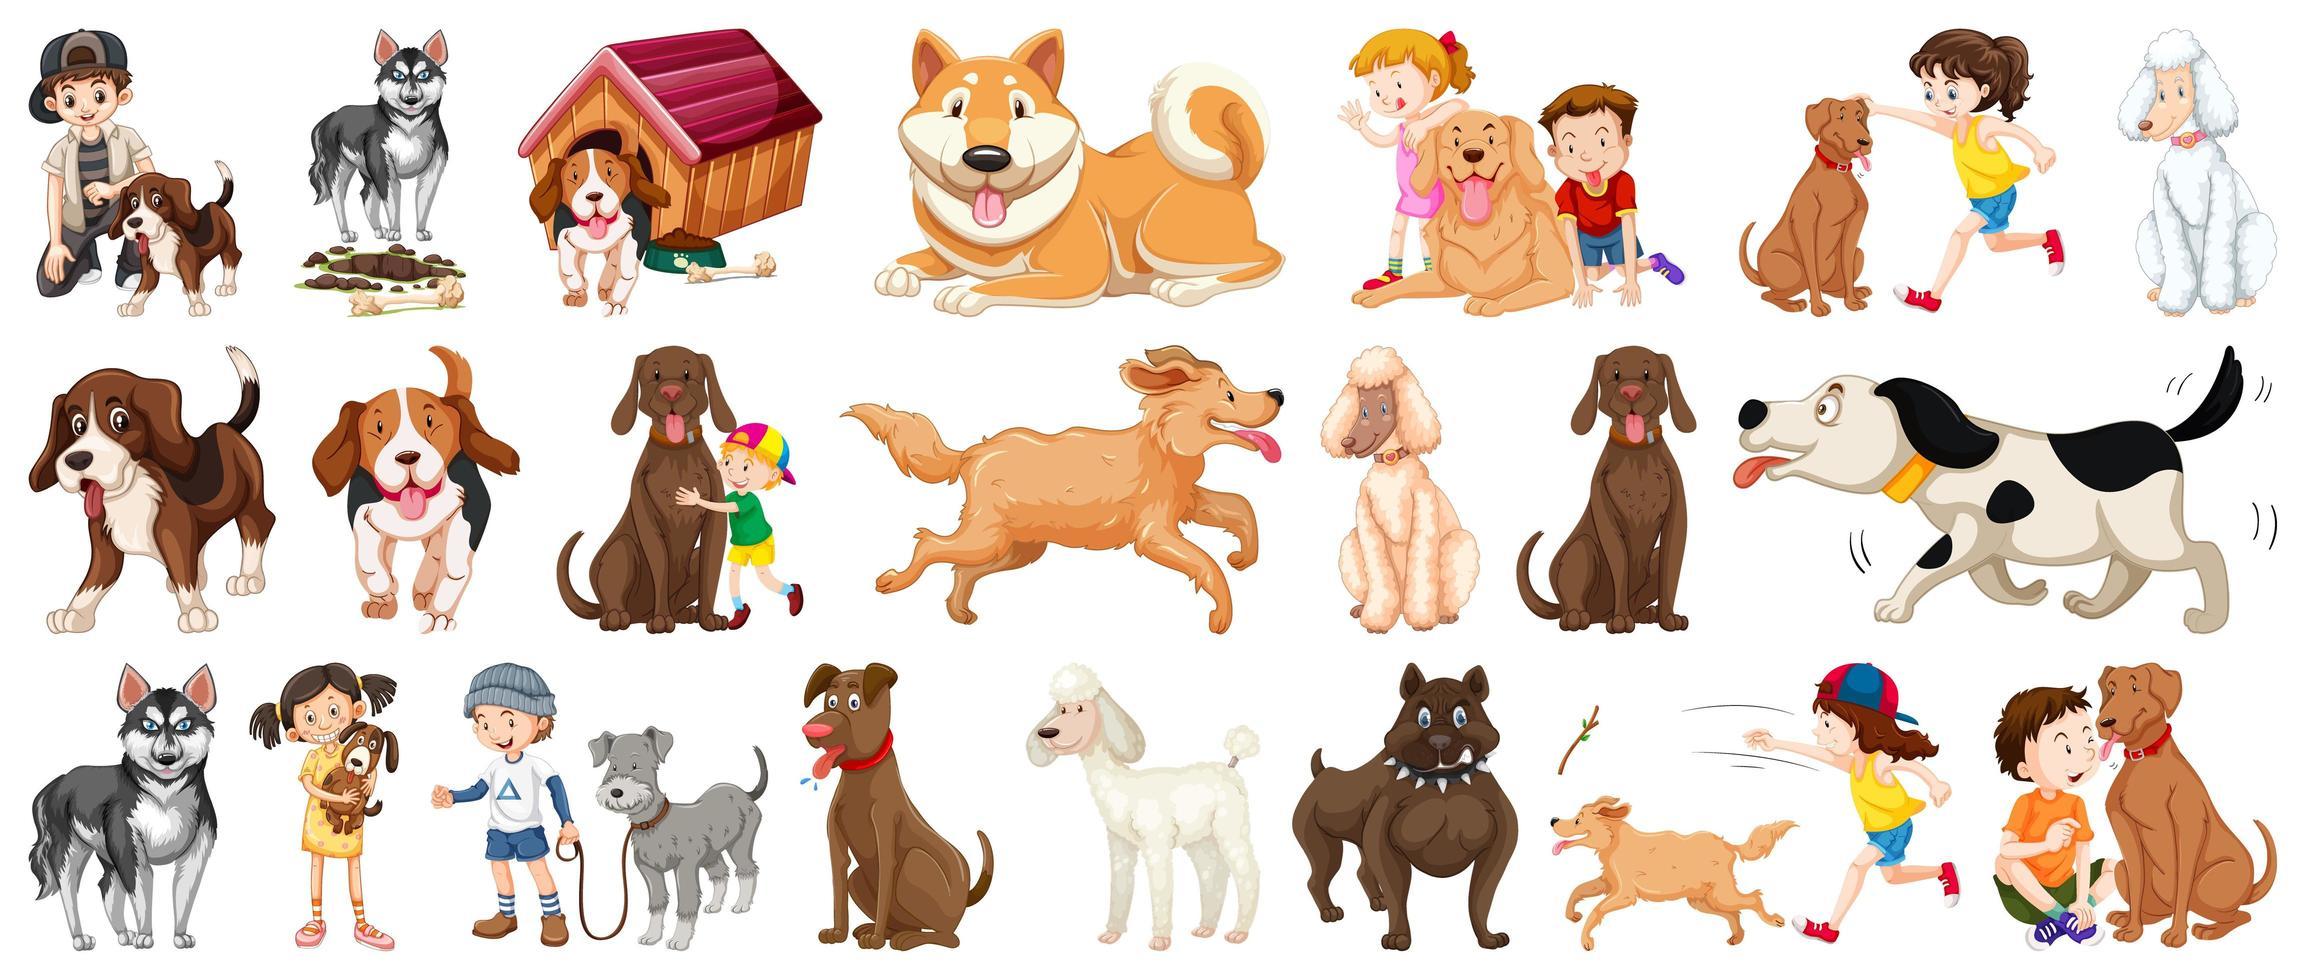 ensemble de personnage de dessin animé de chien vecteur